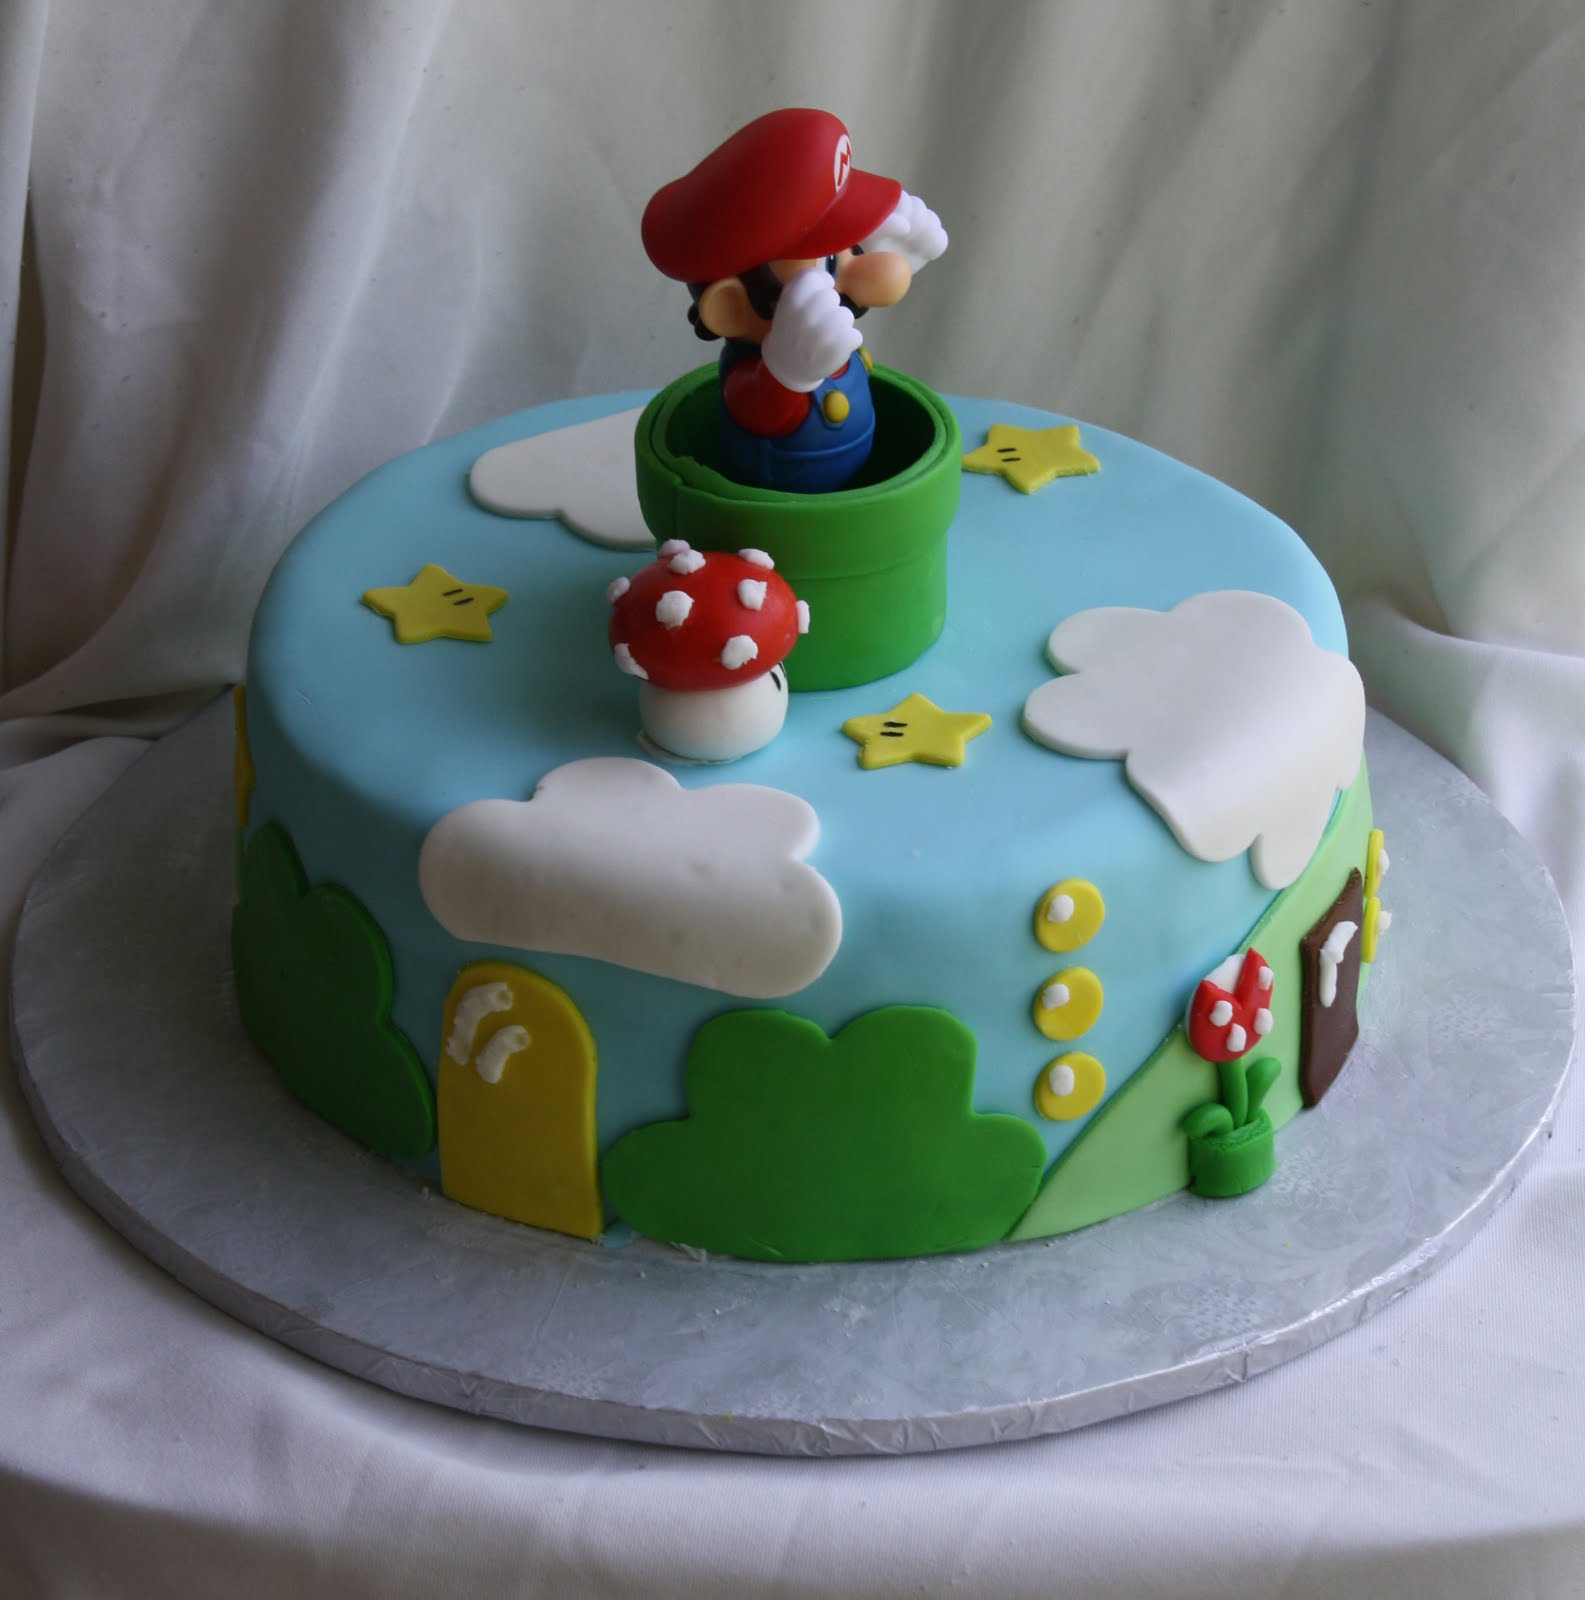 Mario Brother Cake Images : Super Mario Bros. Cake